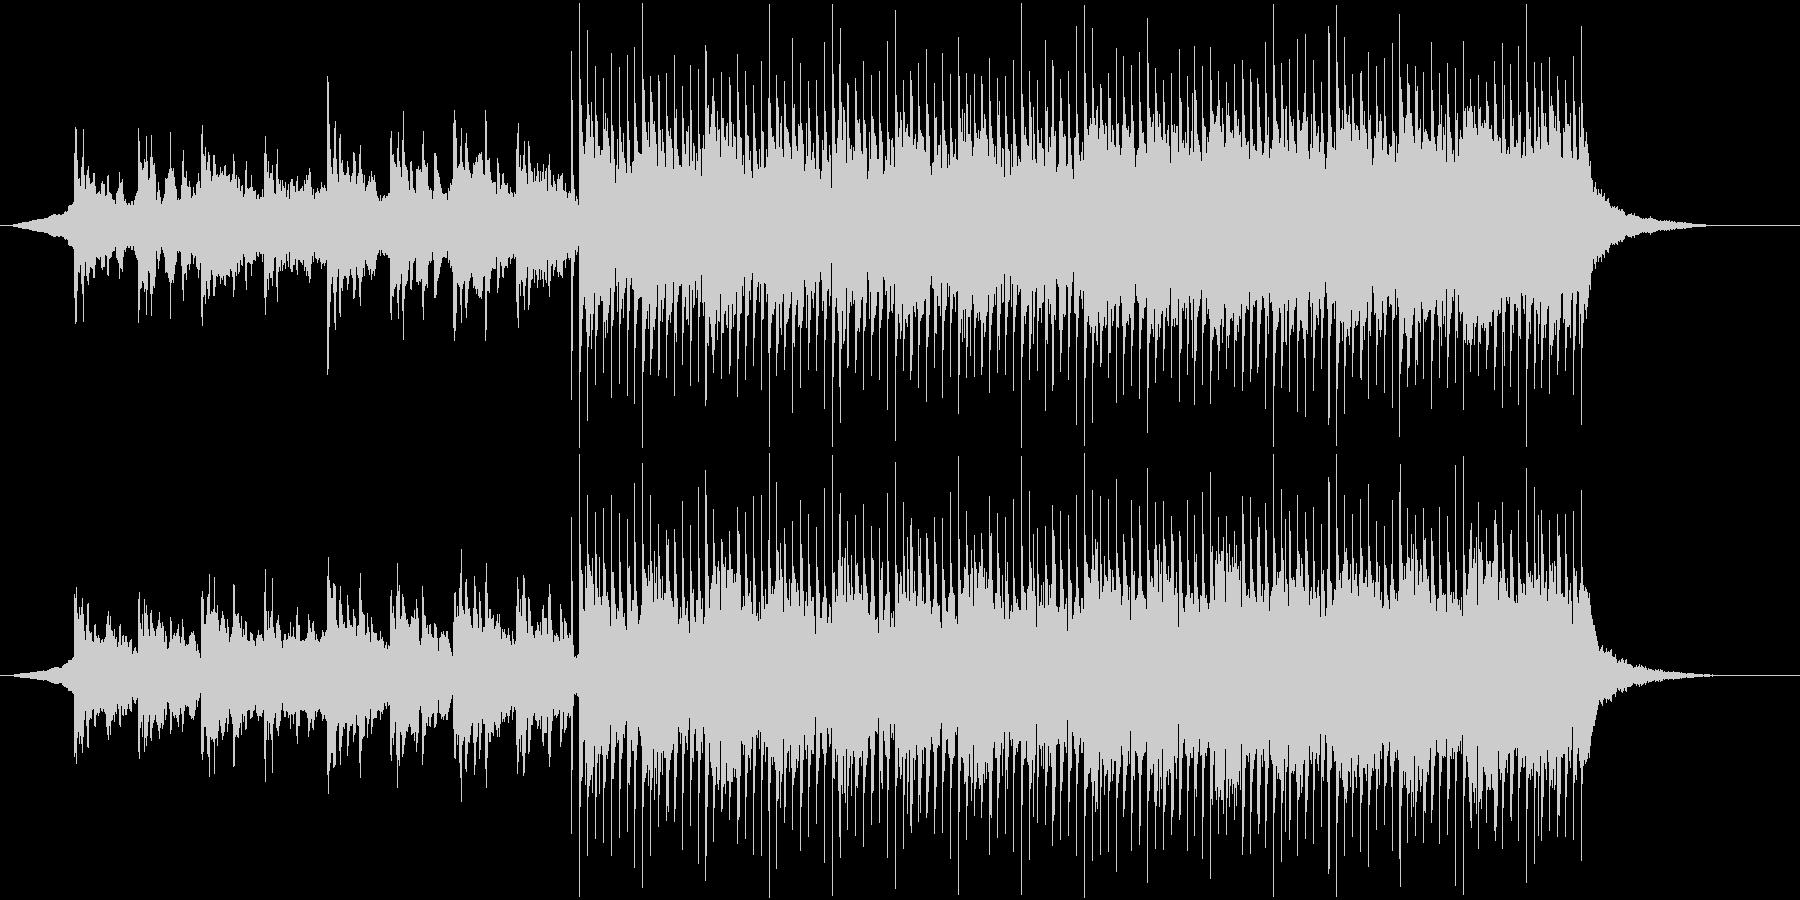 幻想的なBGM ライブのSEなどにの未再生の波形